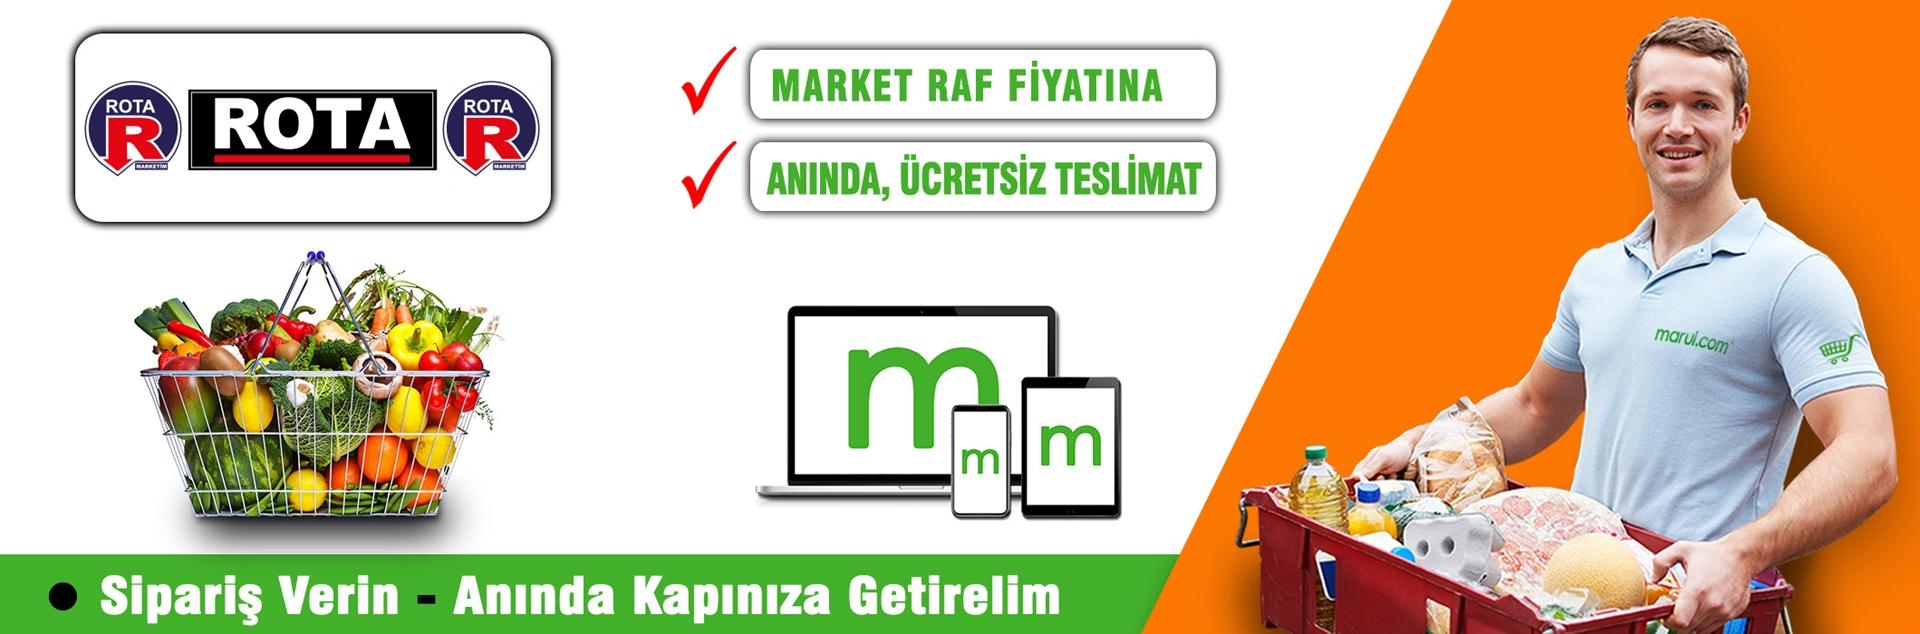 üsküdar rota marketleri online market alışverişi